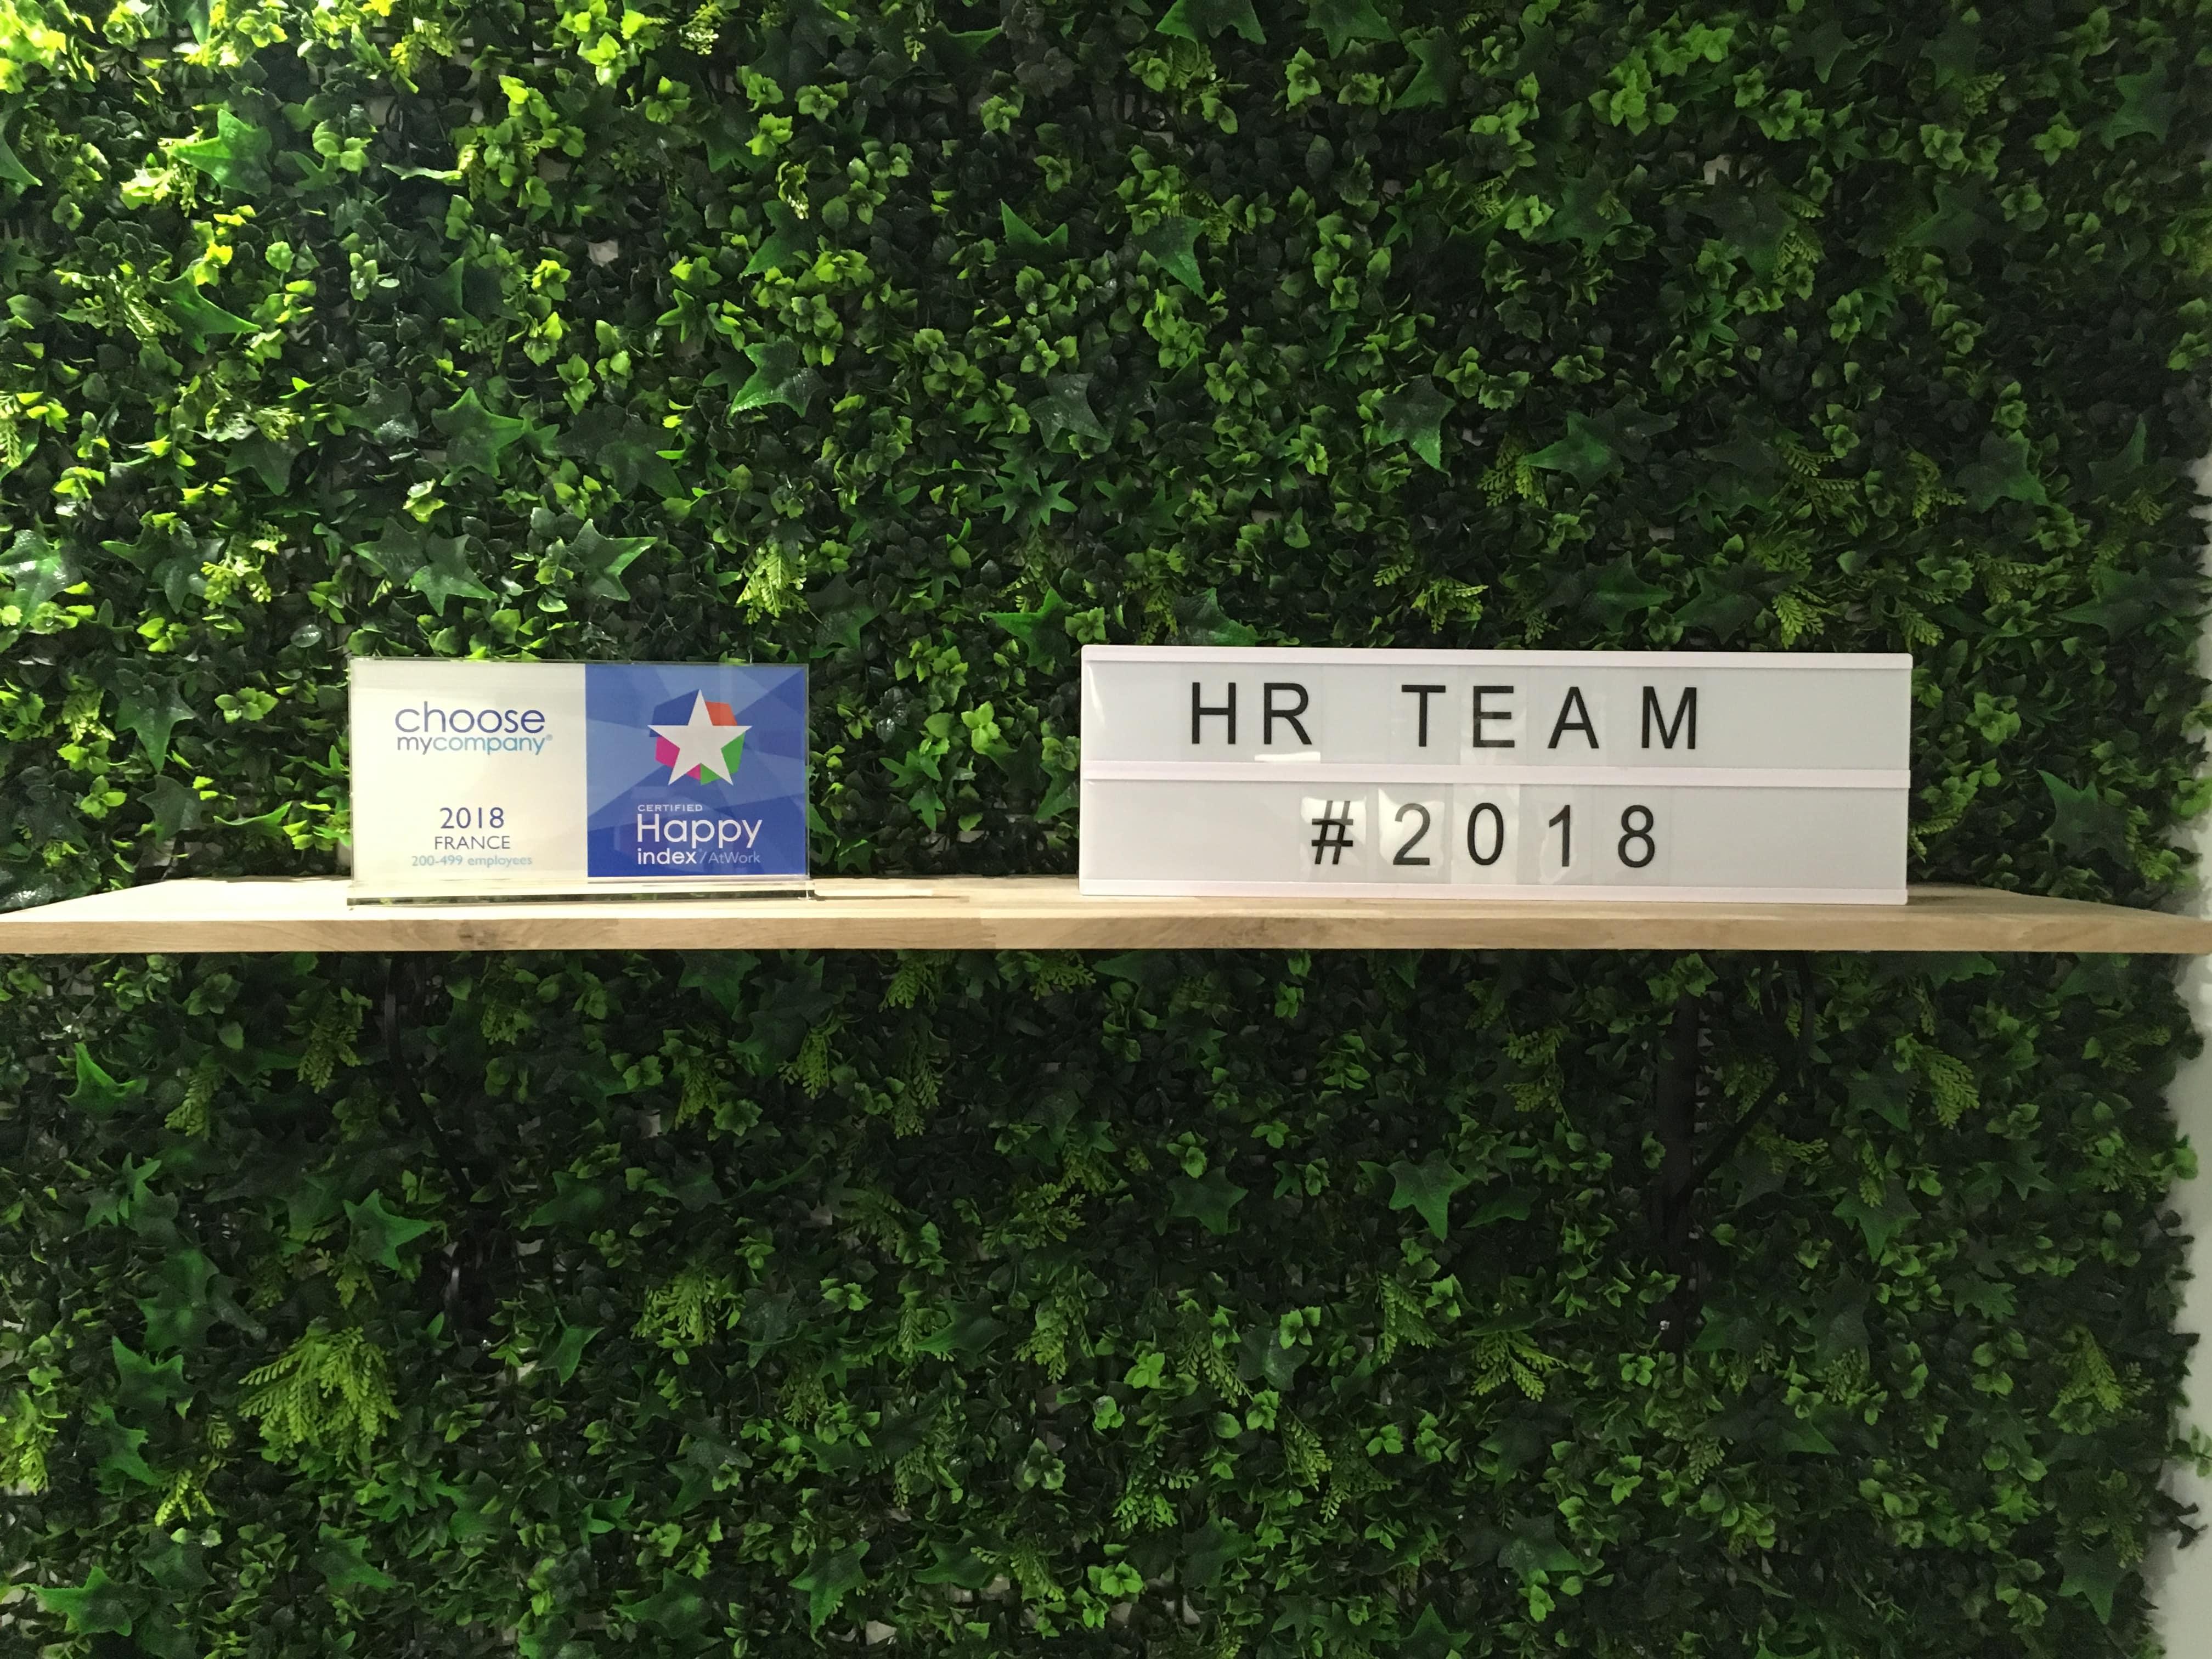 HR Team wins  #HappyAtWork2018 label!